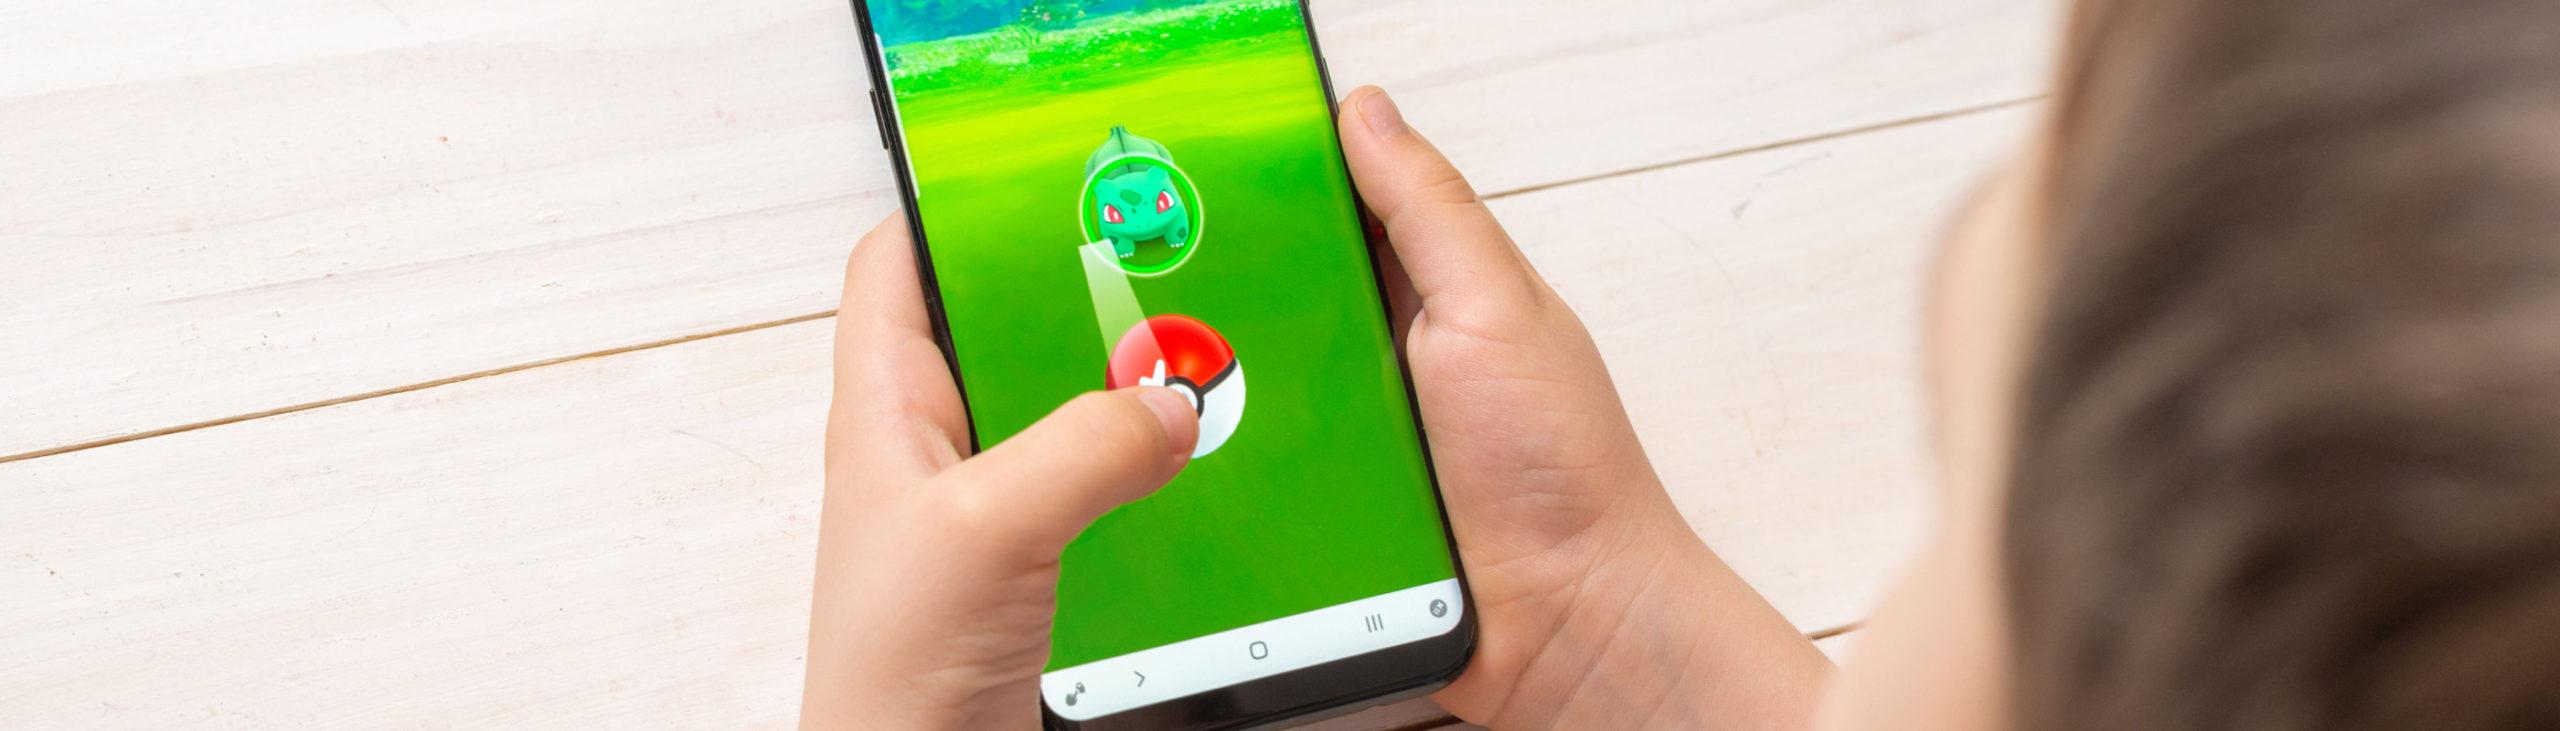 Juegos de realidad aumentada Android | 3